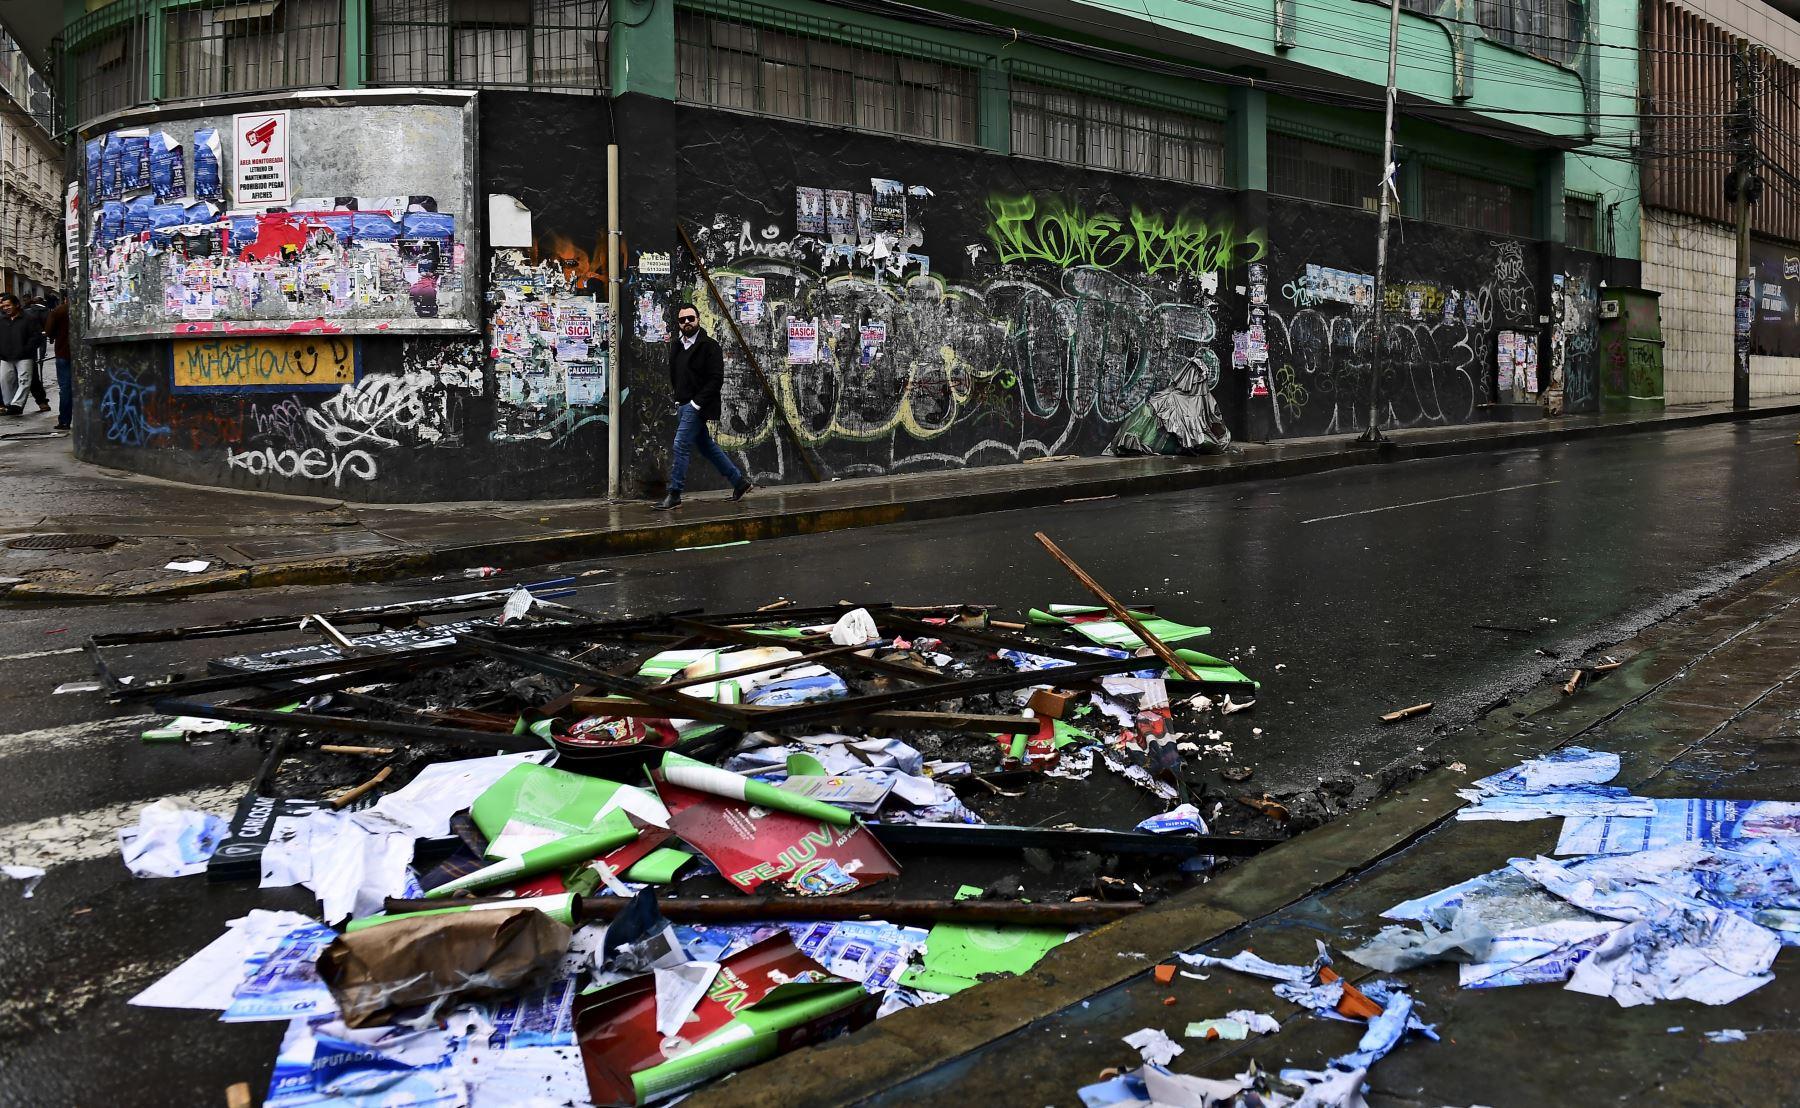 Un hombre camina por una calle después de las protestas en La Paz el 11 de noviembre de 2019. Foto: AFP